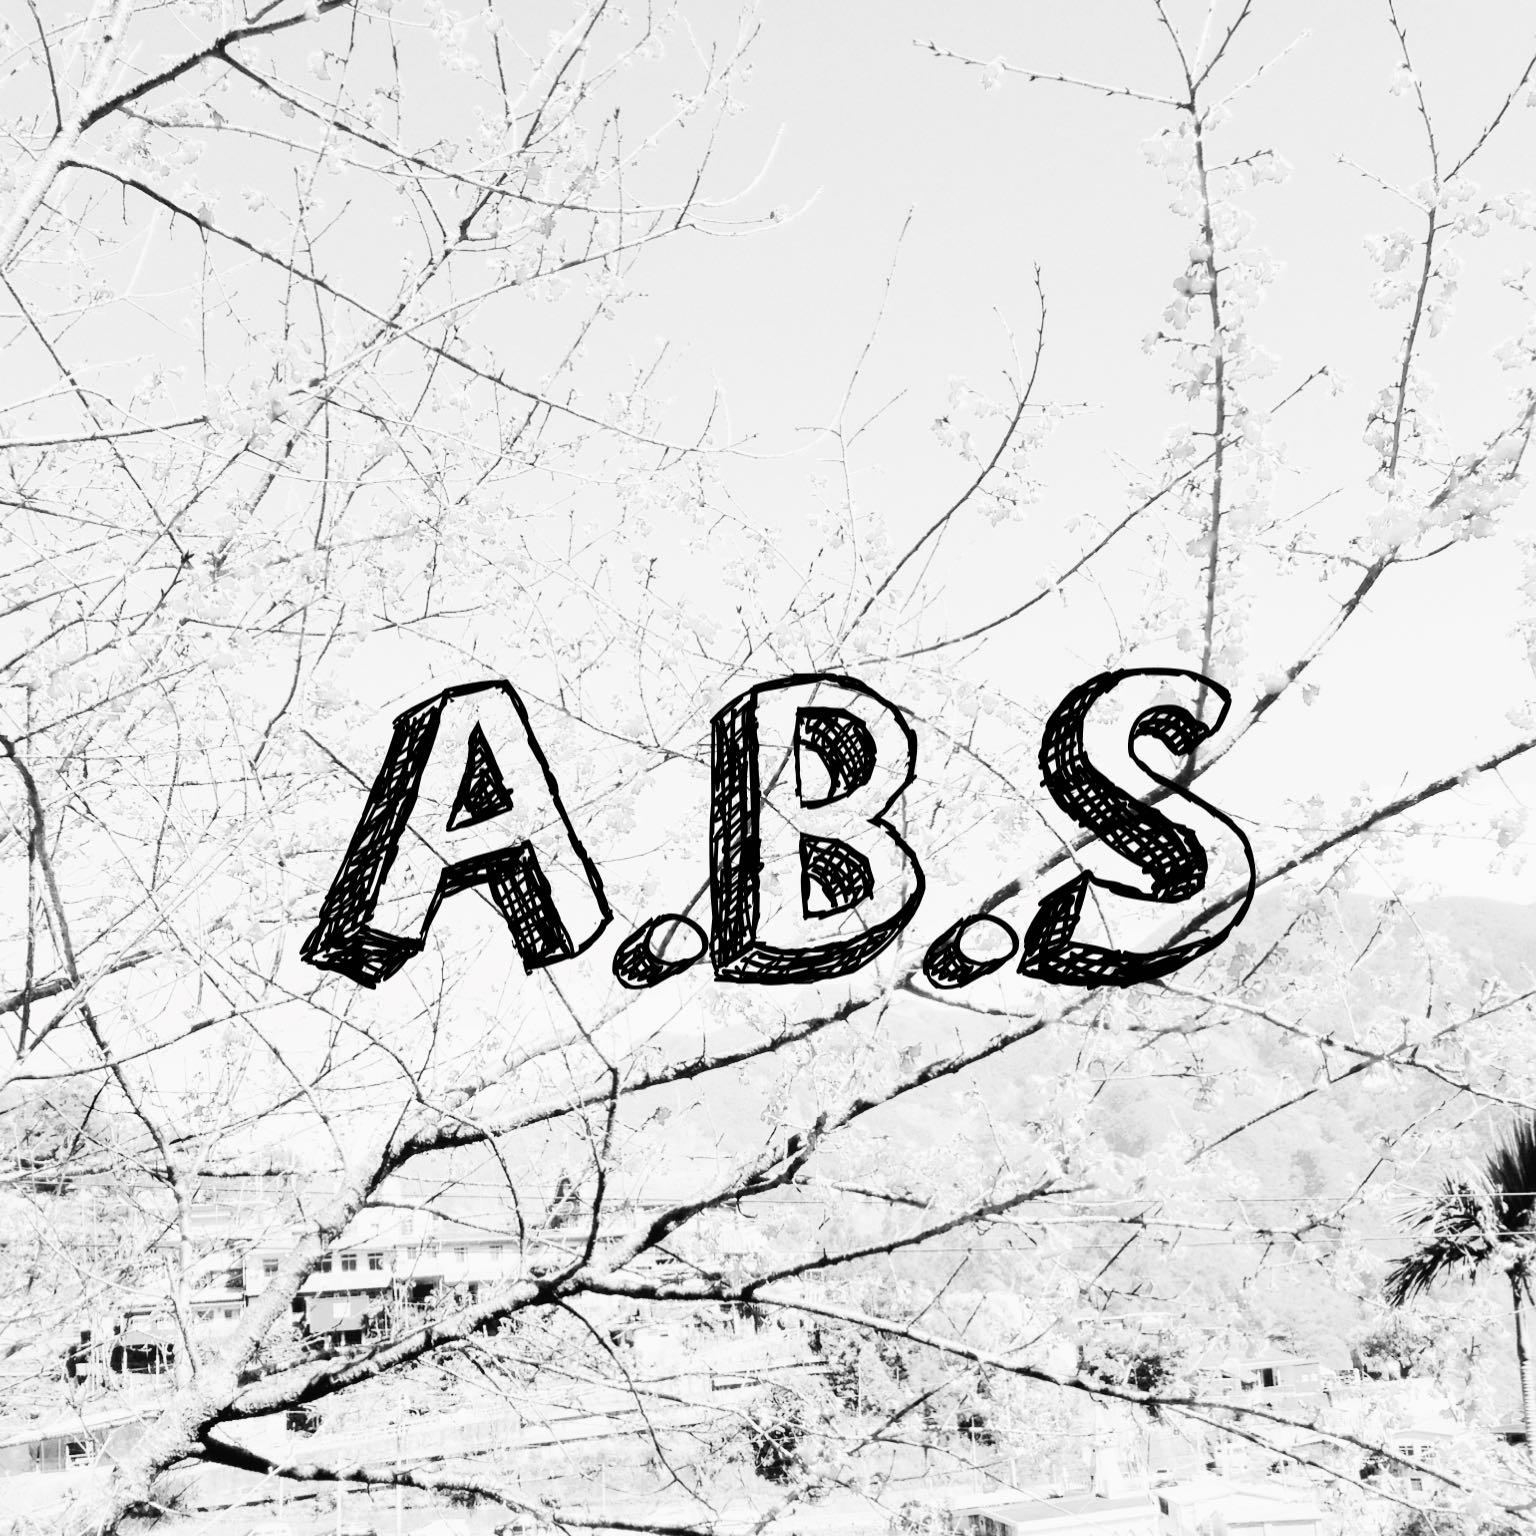 a.b.s